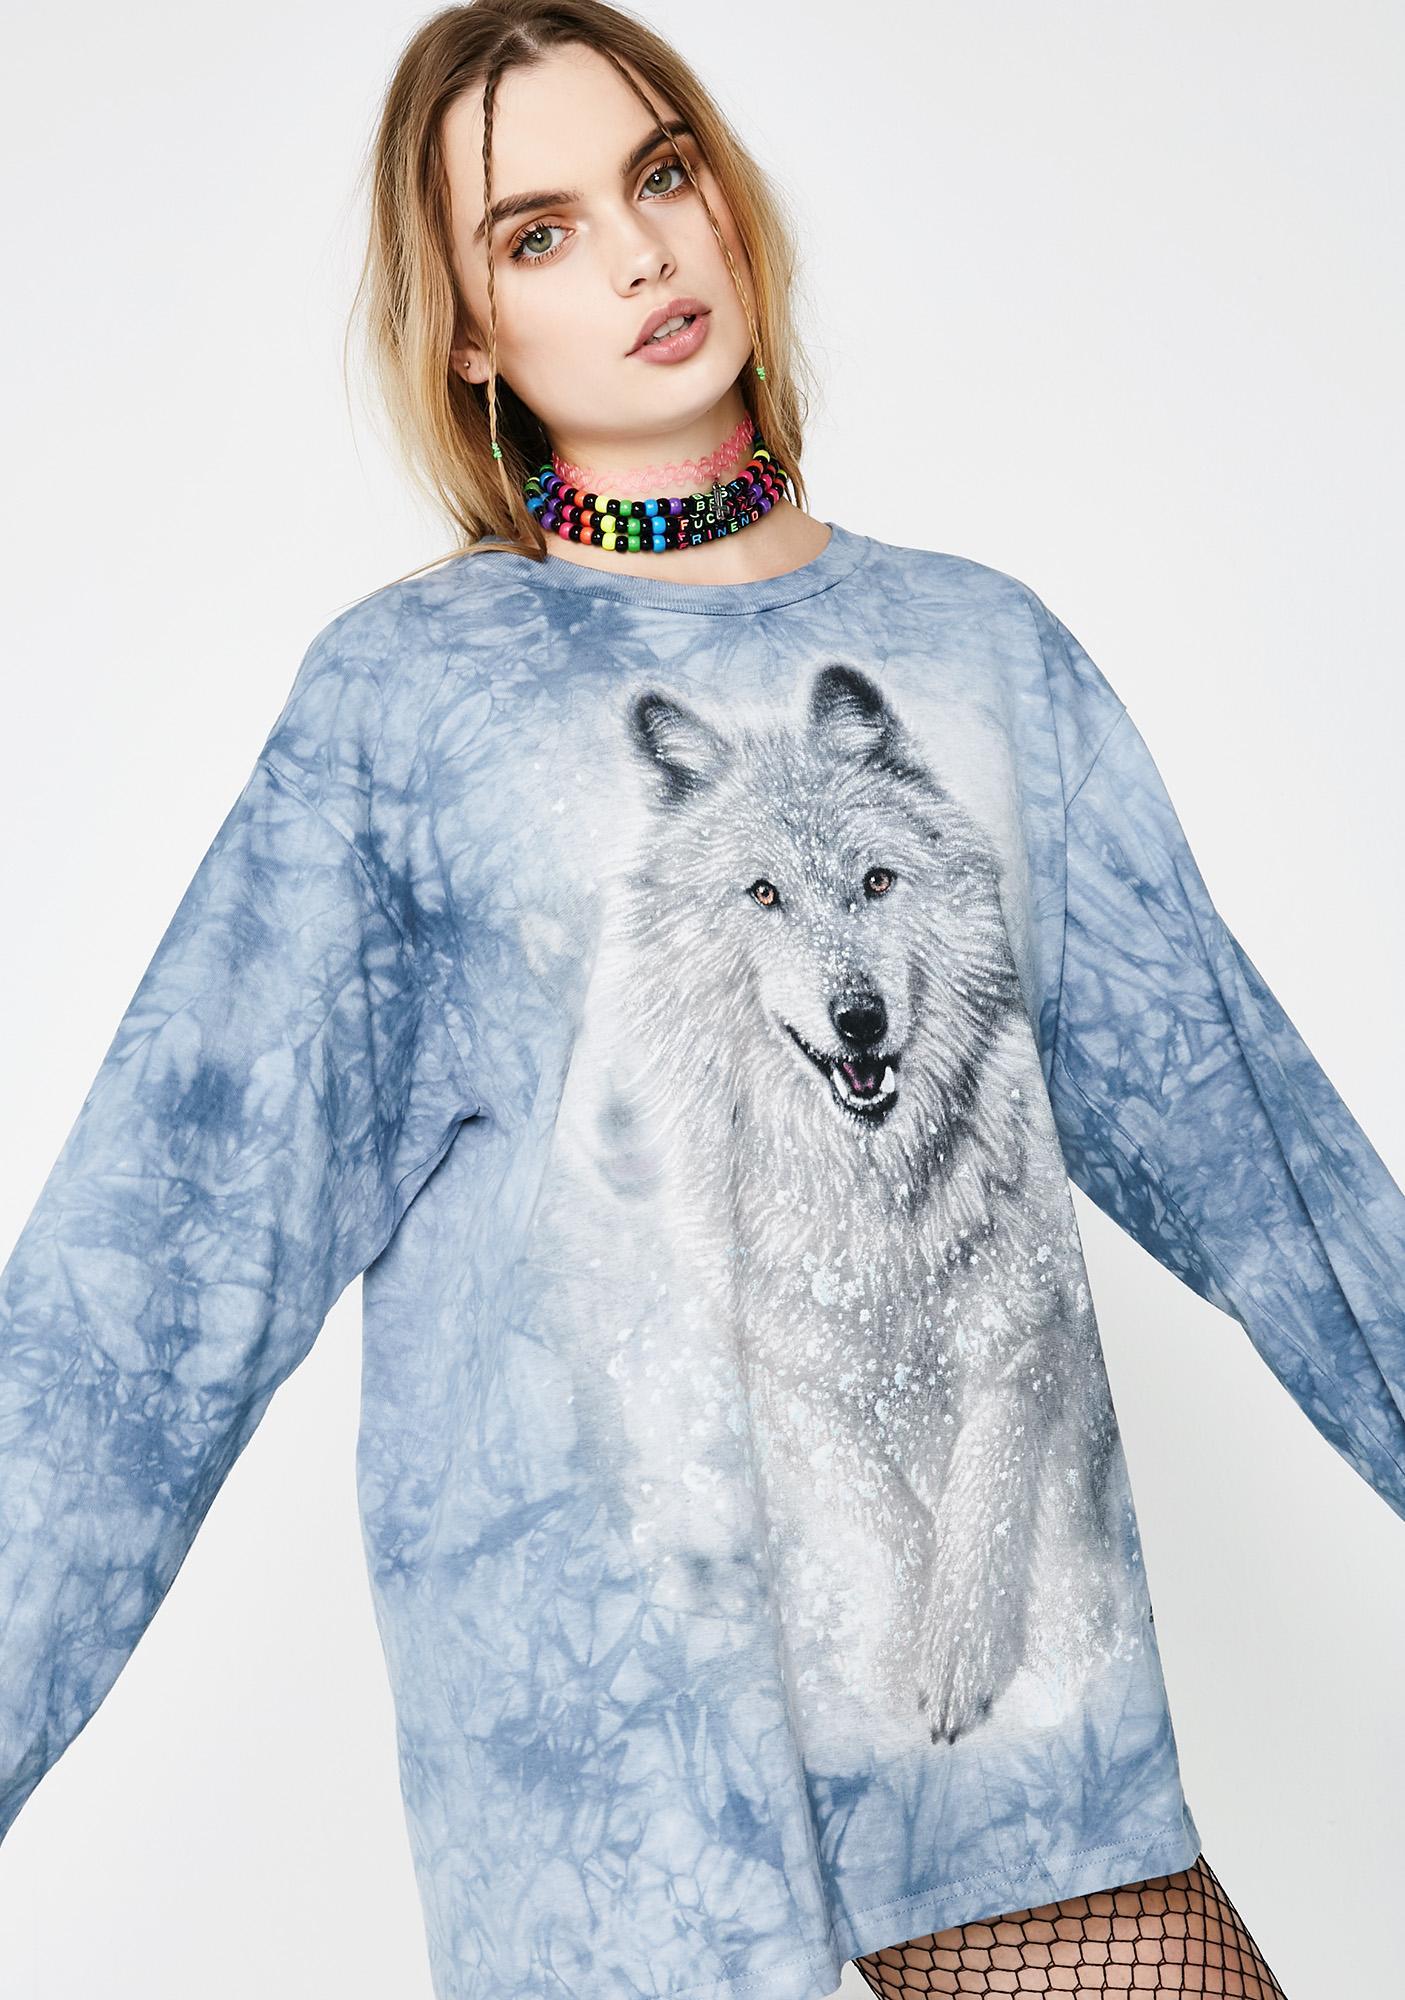 Snowed In Long Sleeve Wolf Tee